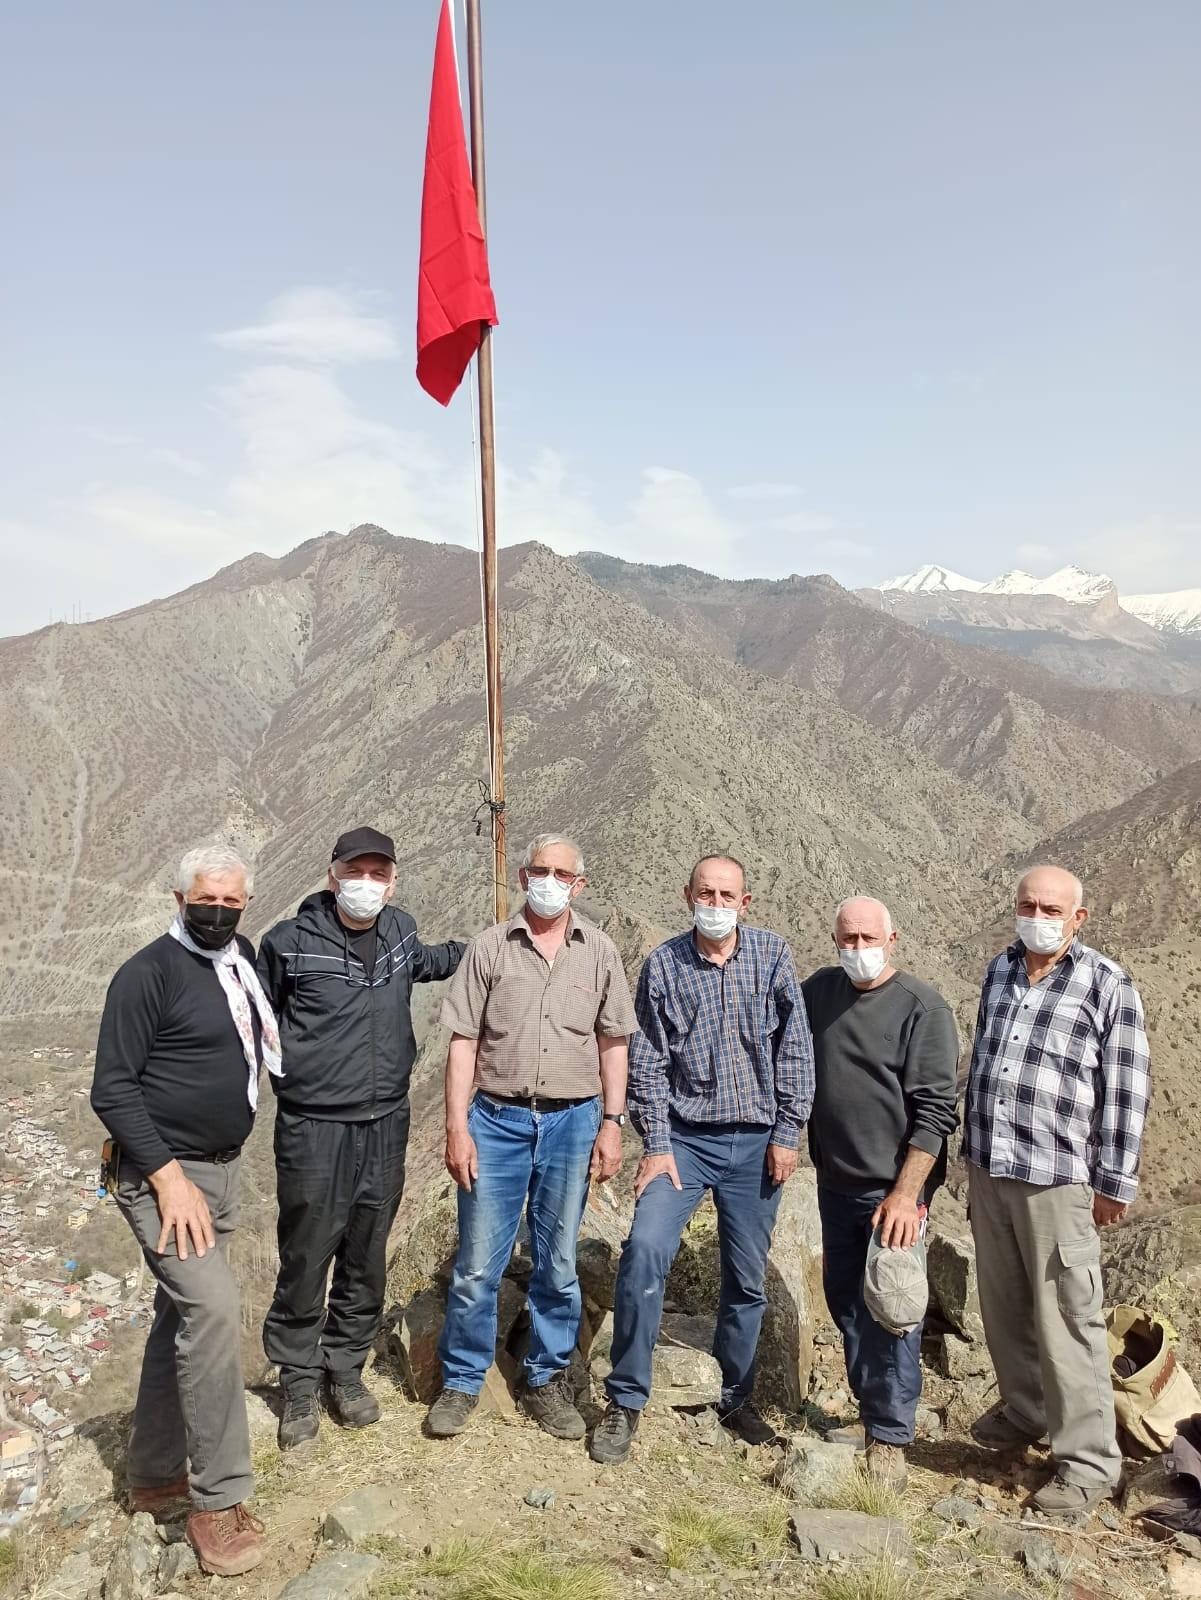 Kuçuret dağı şehitler tepesine Bayrak diktiler